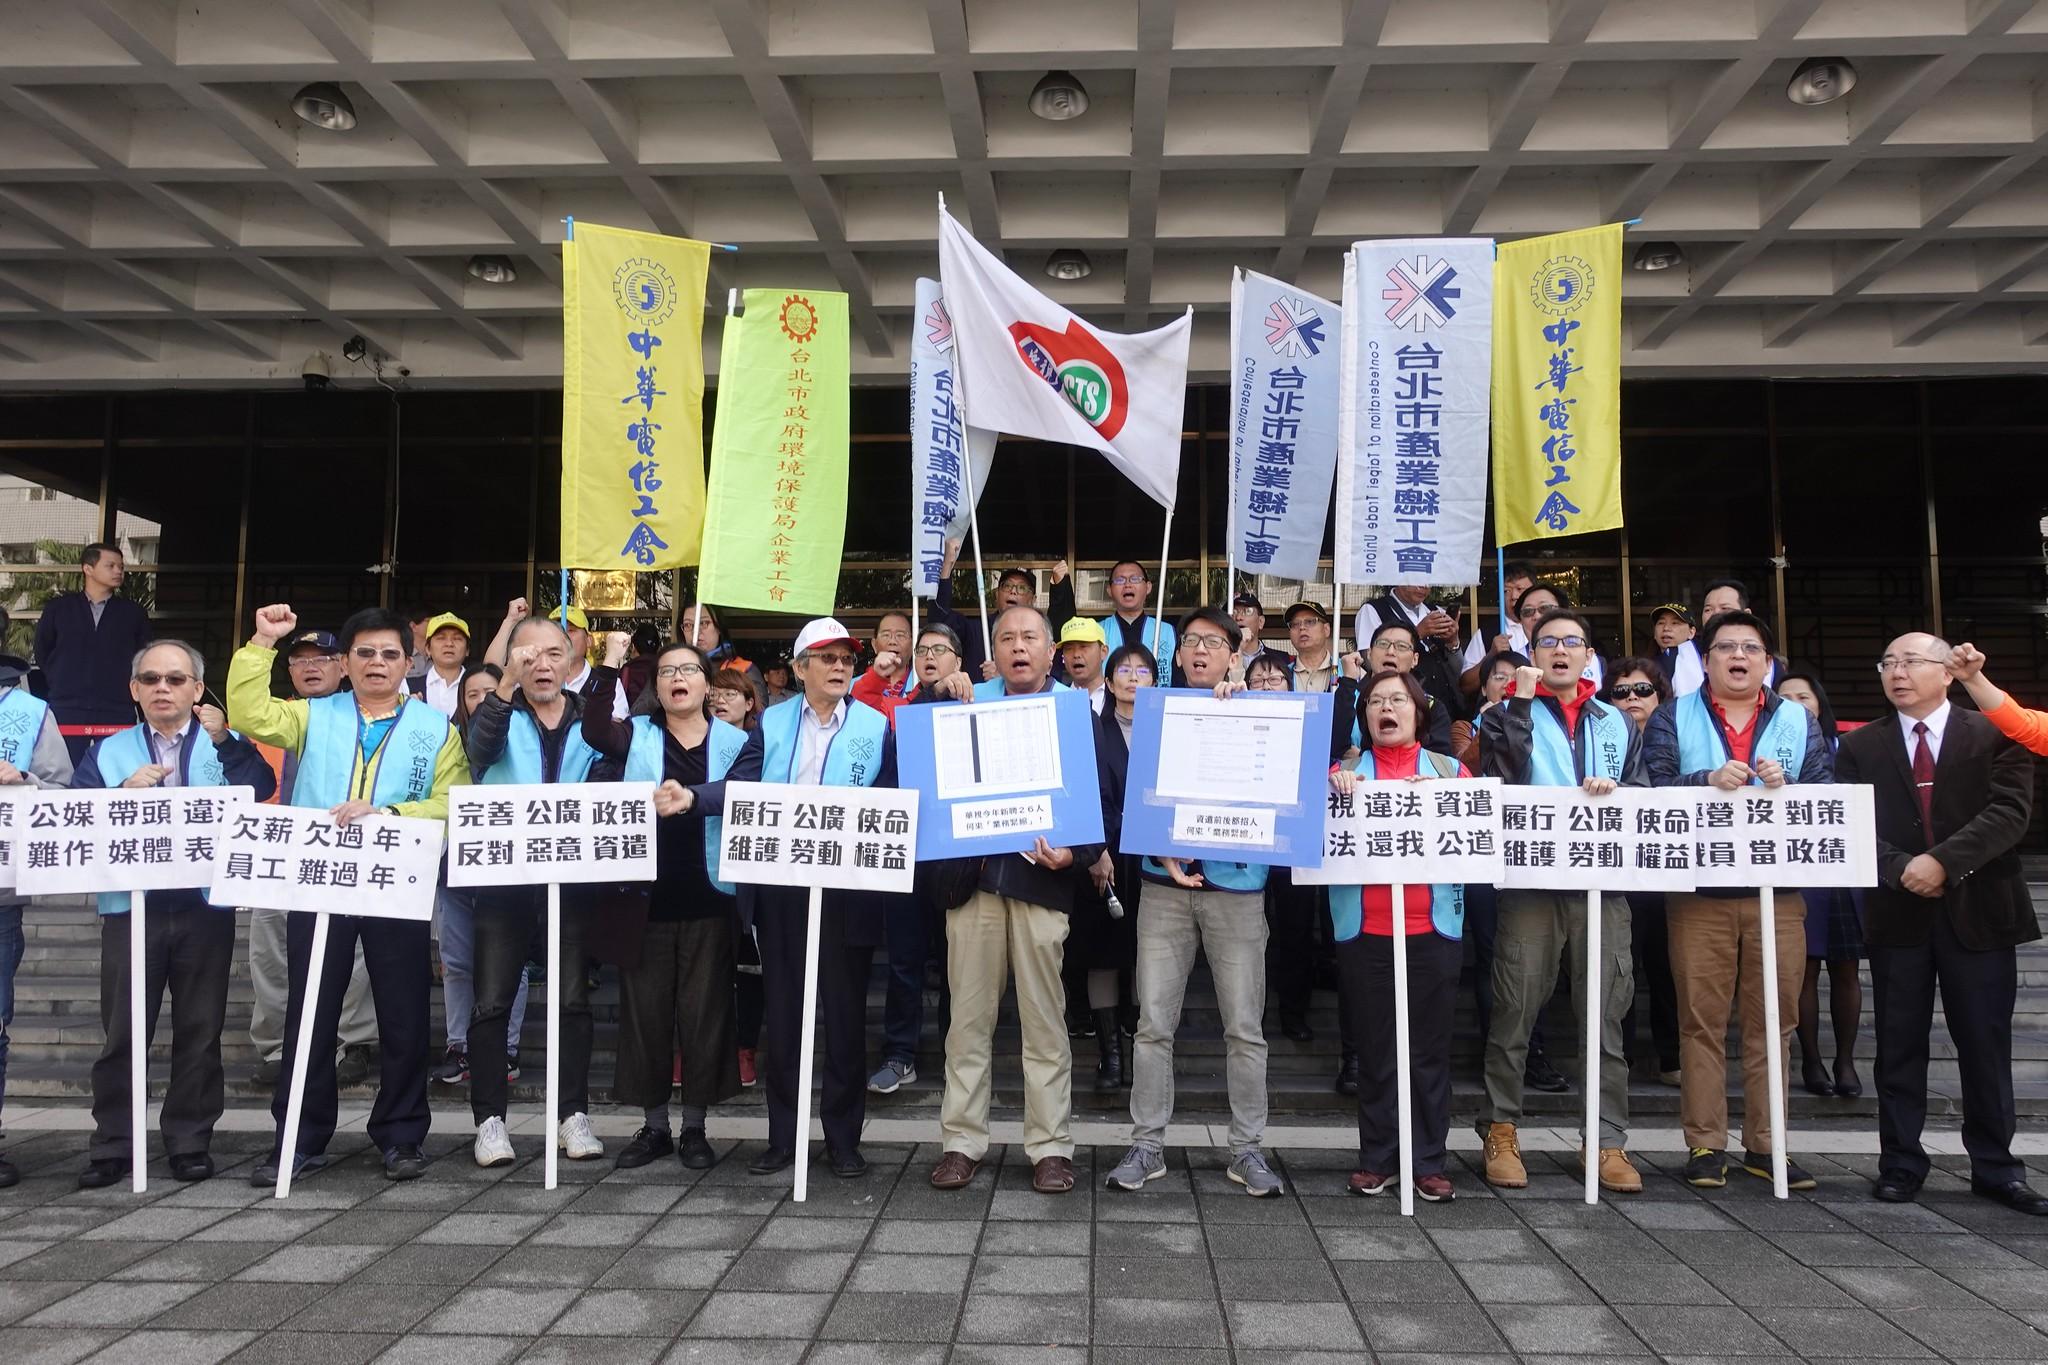 華視企業工會和台北市產業總工會陪同當事人到法院提告。(攝影:張智琦)